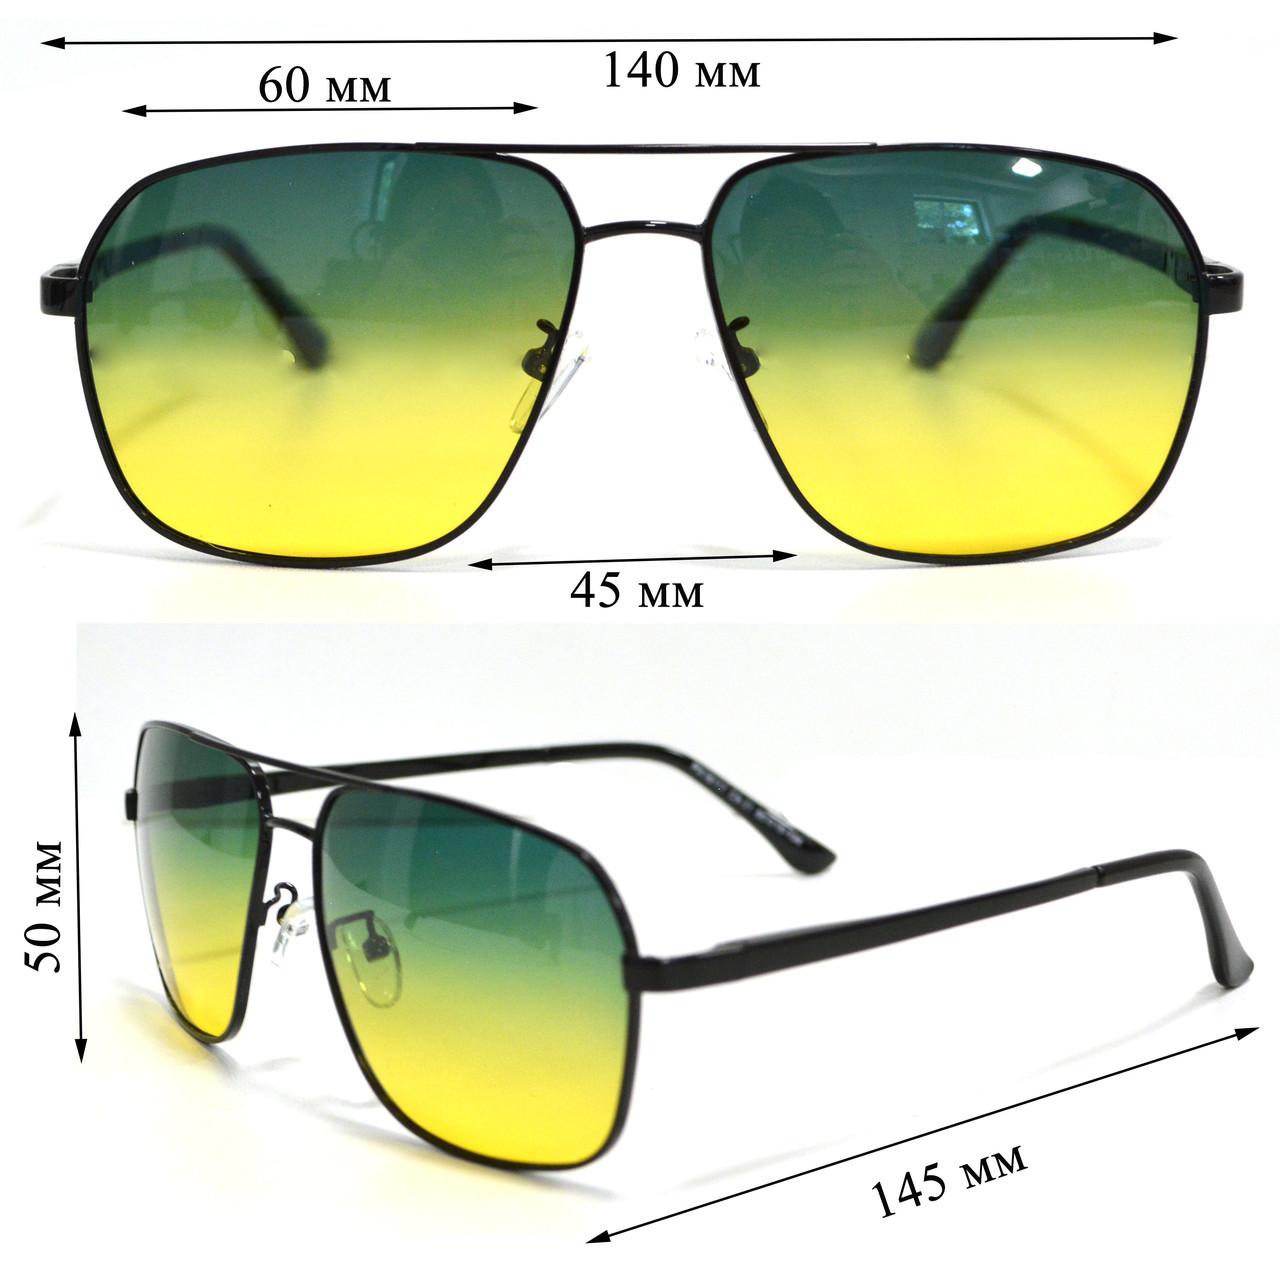 Солнцезащитные поляризационные очки ПОЛАРОИД UV400 тонкая сдвоенная оправа желто зеленые стекла АВТО PX16117 - фото 2